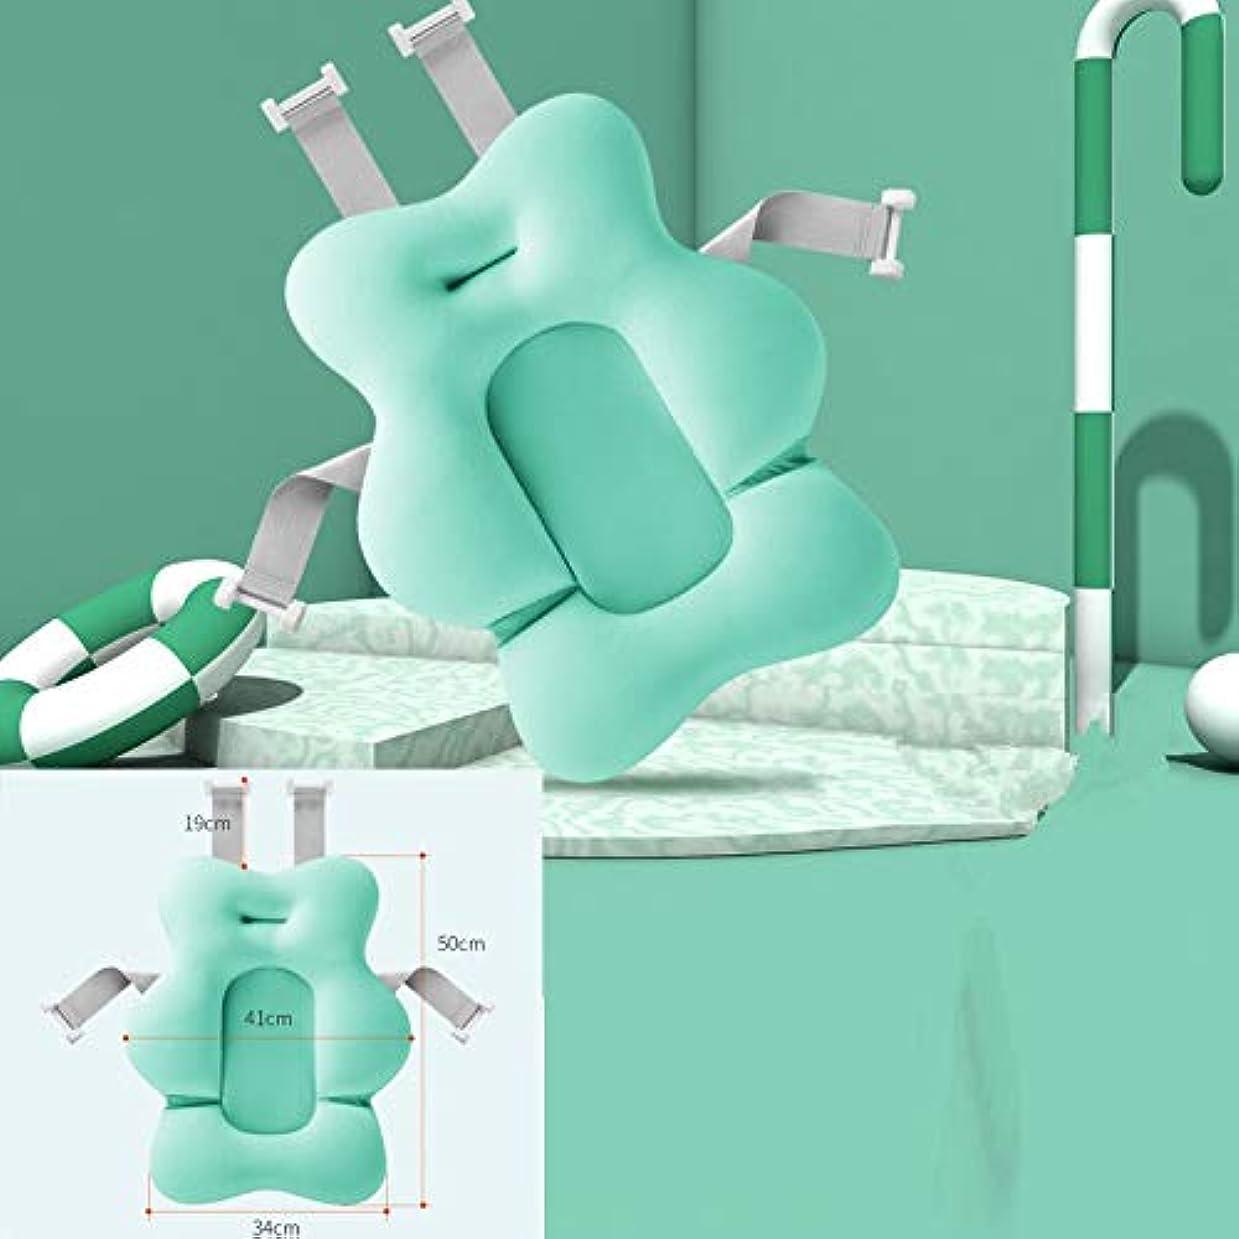 わかる植物学崇拝するSMART 漫画ポータブル赤ちゃんノンスリップバスタブシャワー浴槽マット新生児安全セキュリティバスエアクッション折りたたみソフト枕シート クッション 椅子